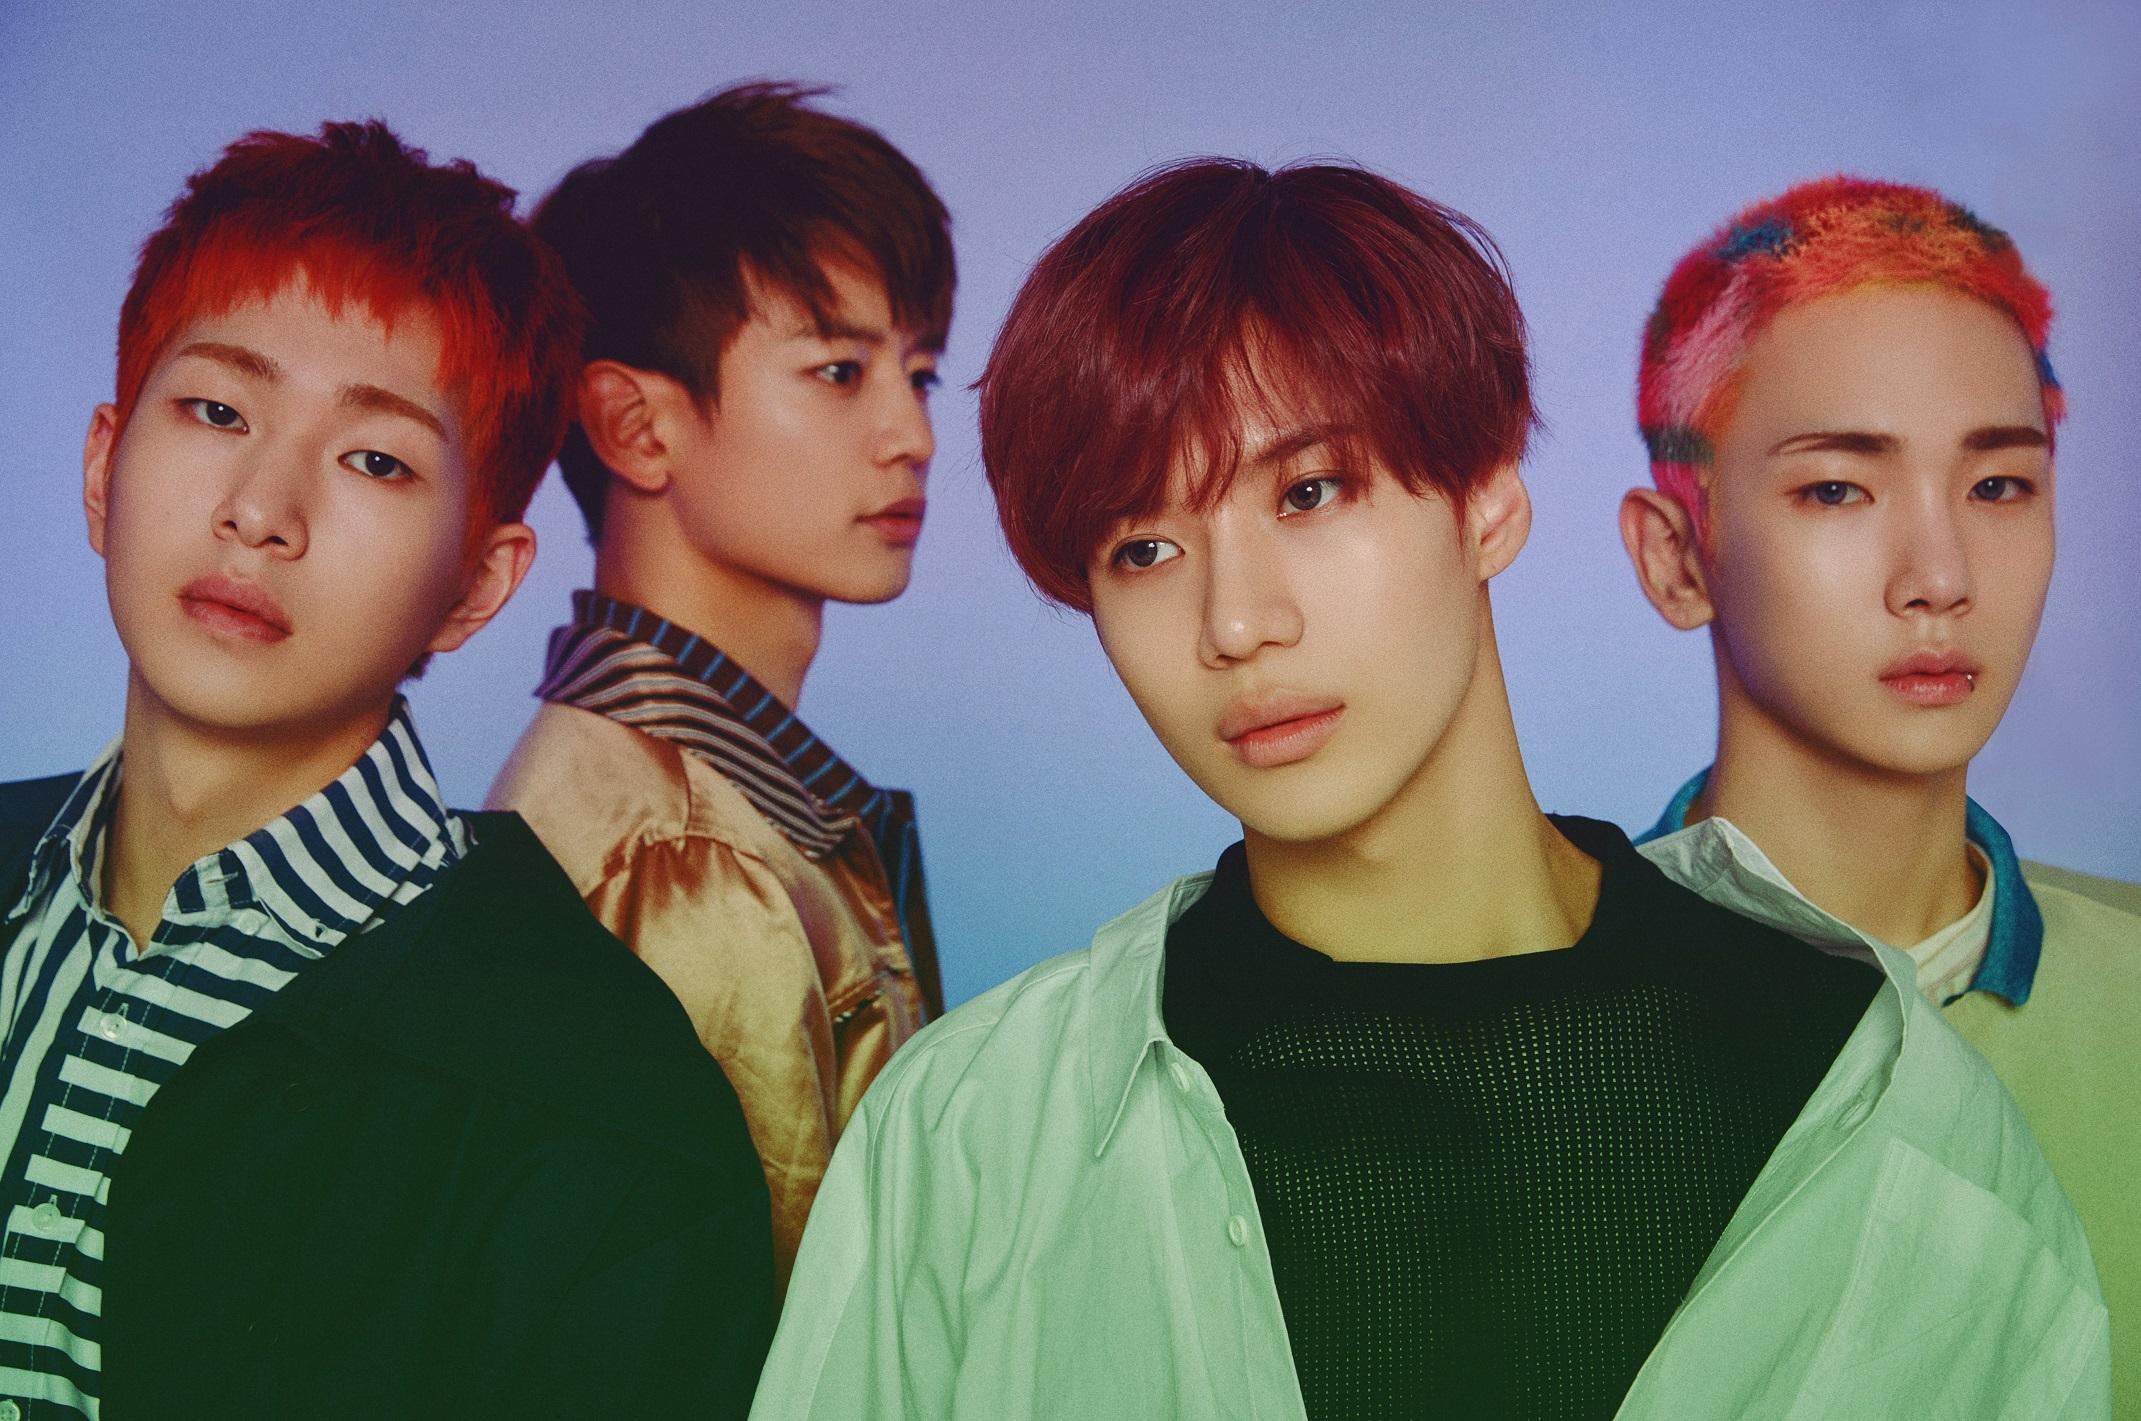 【開催中止】SHINee New Mini Album発売記念 オンラインMEET&GREET [2部制]